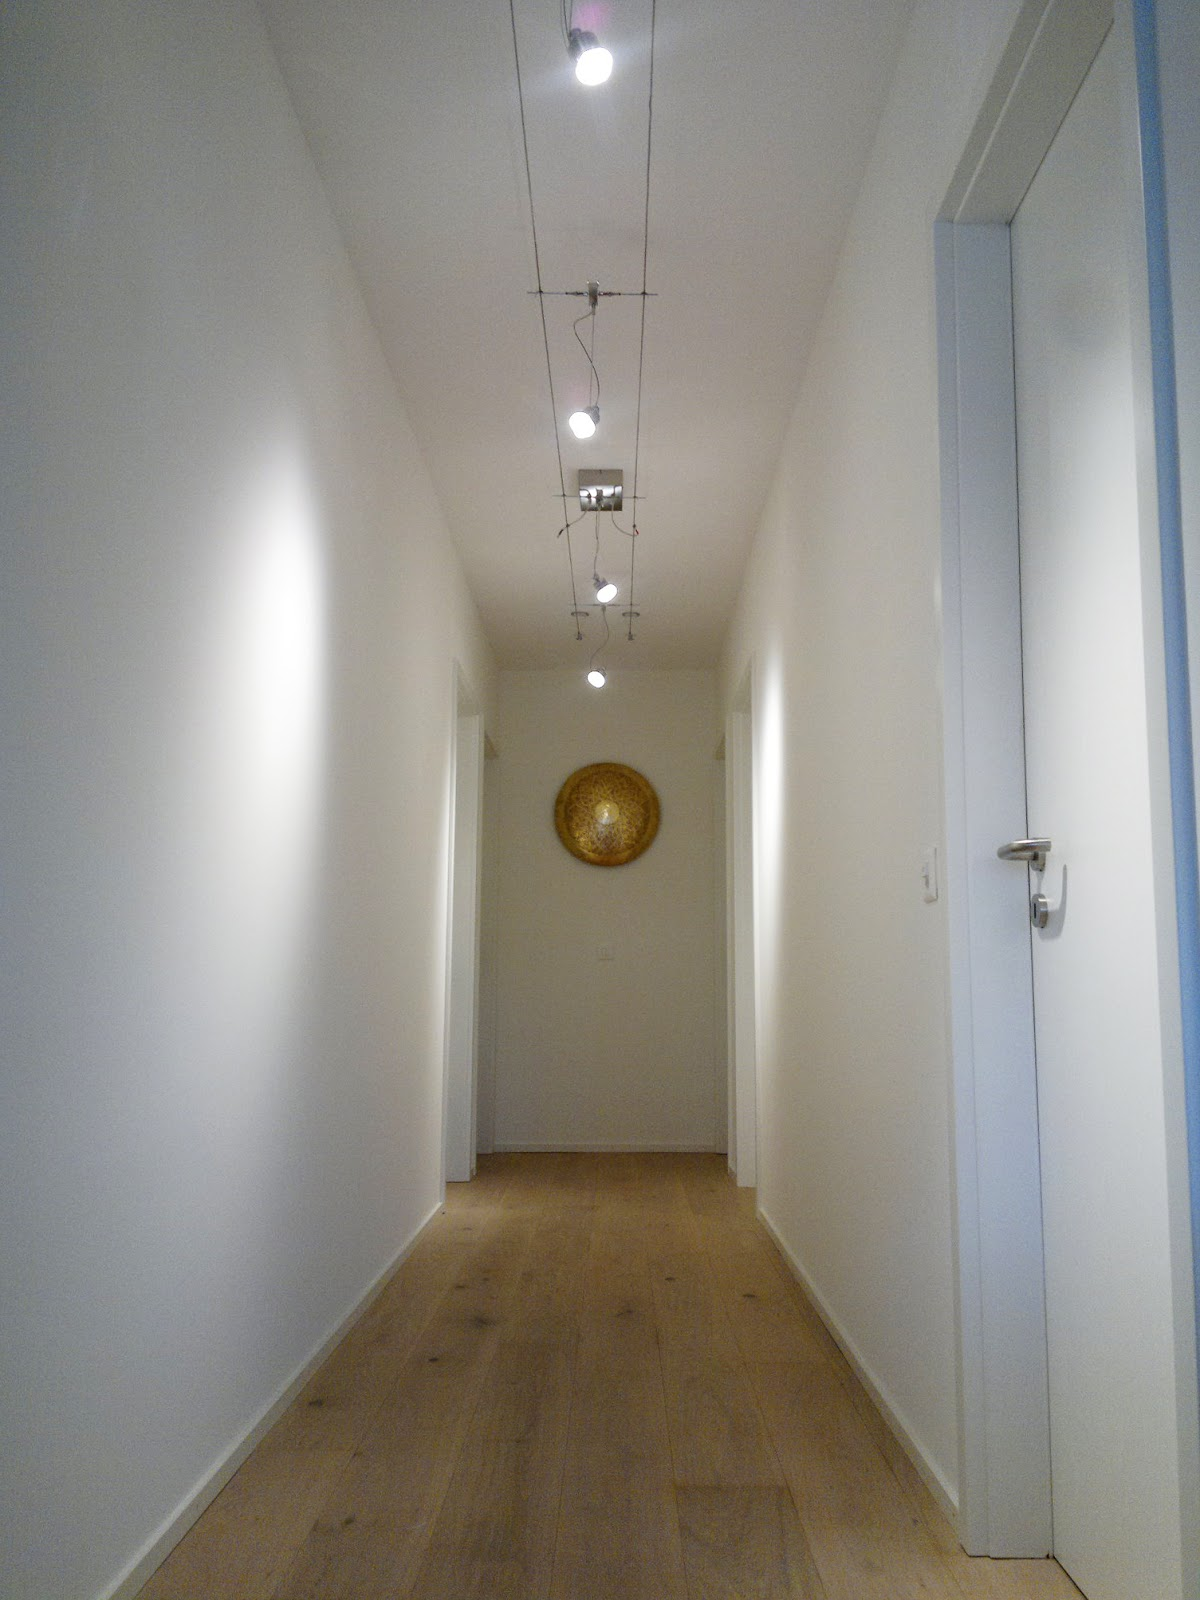 Illuminazione led casa montreux illuminazione led in un for Illuminazione led a soffitto